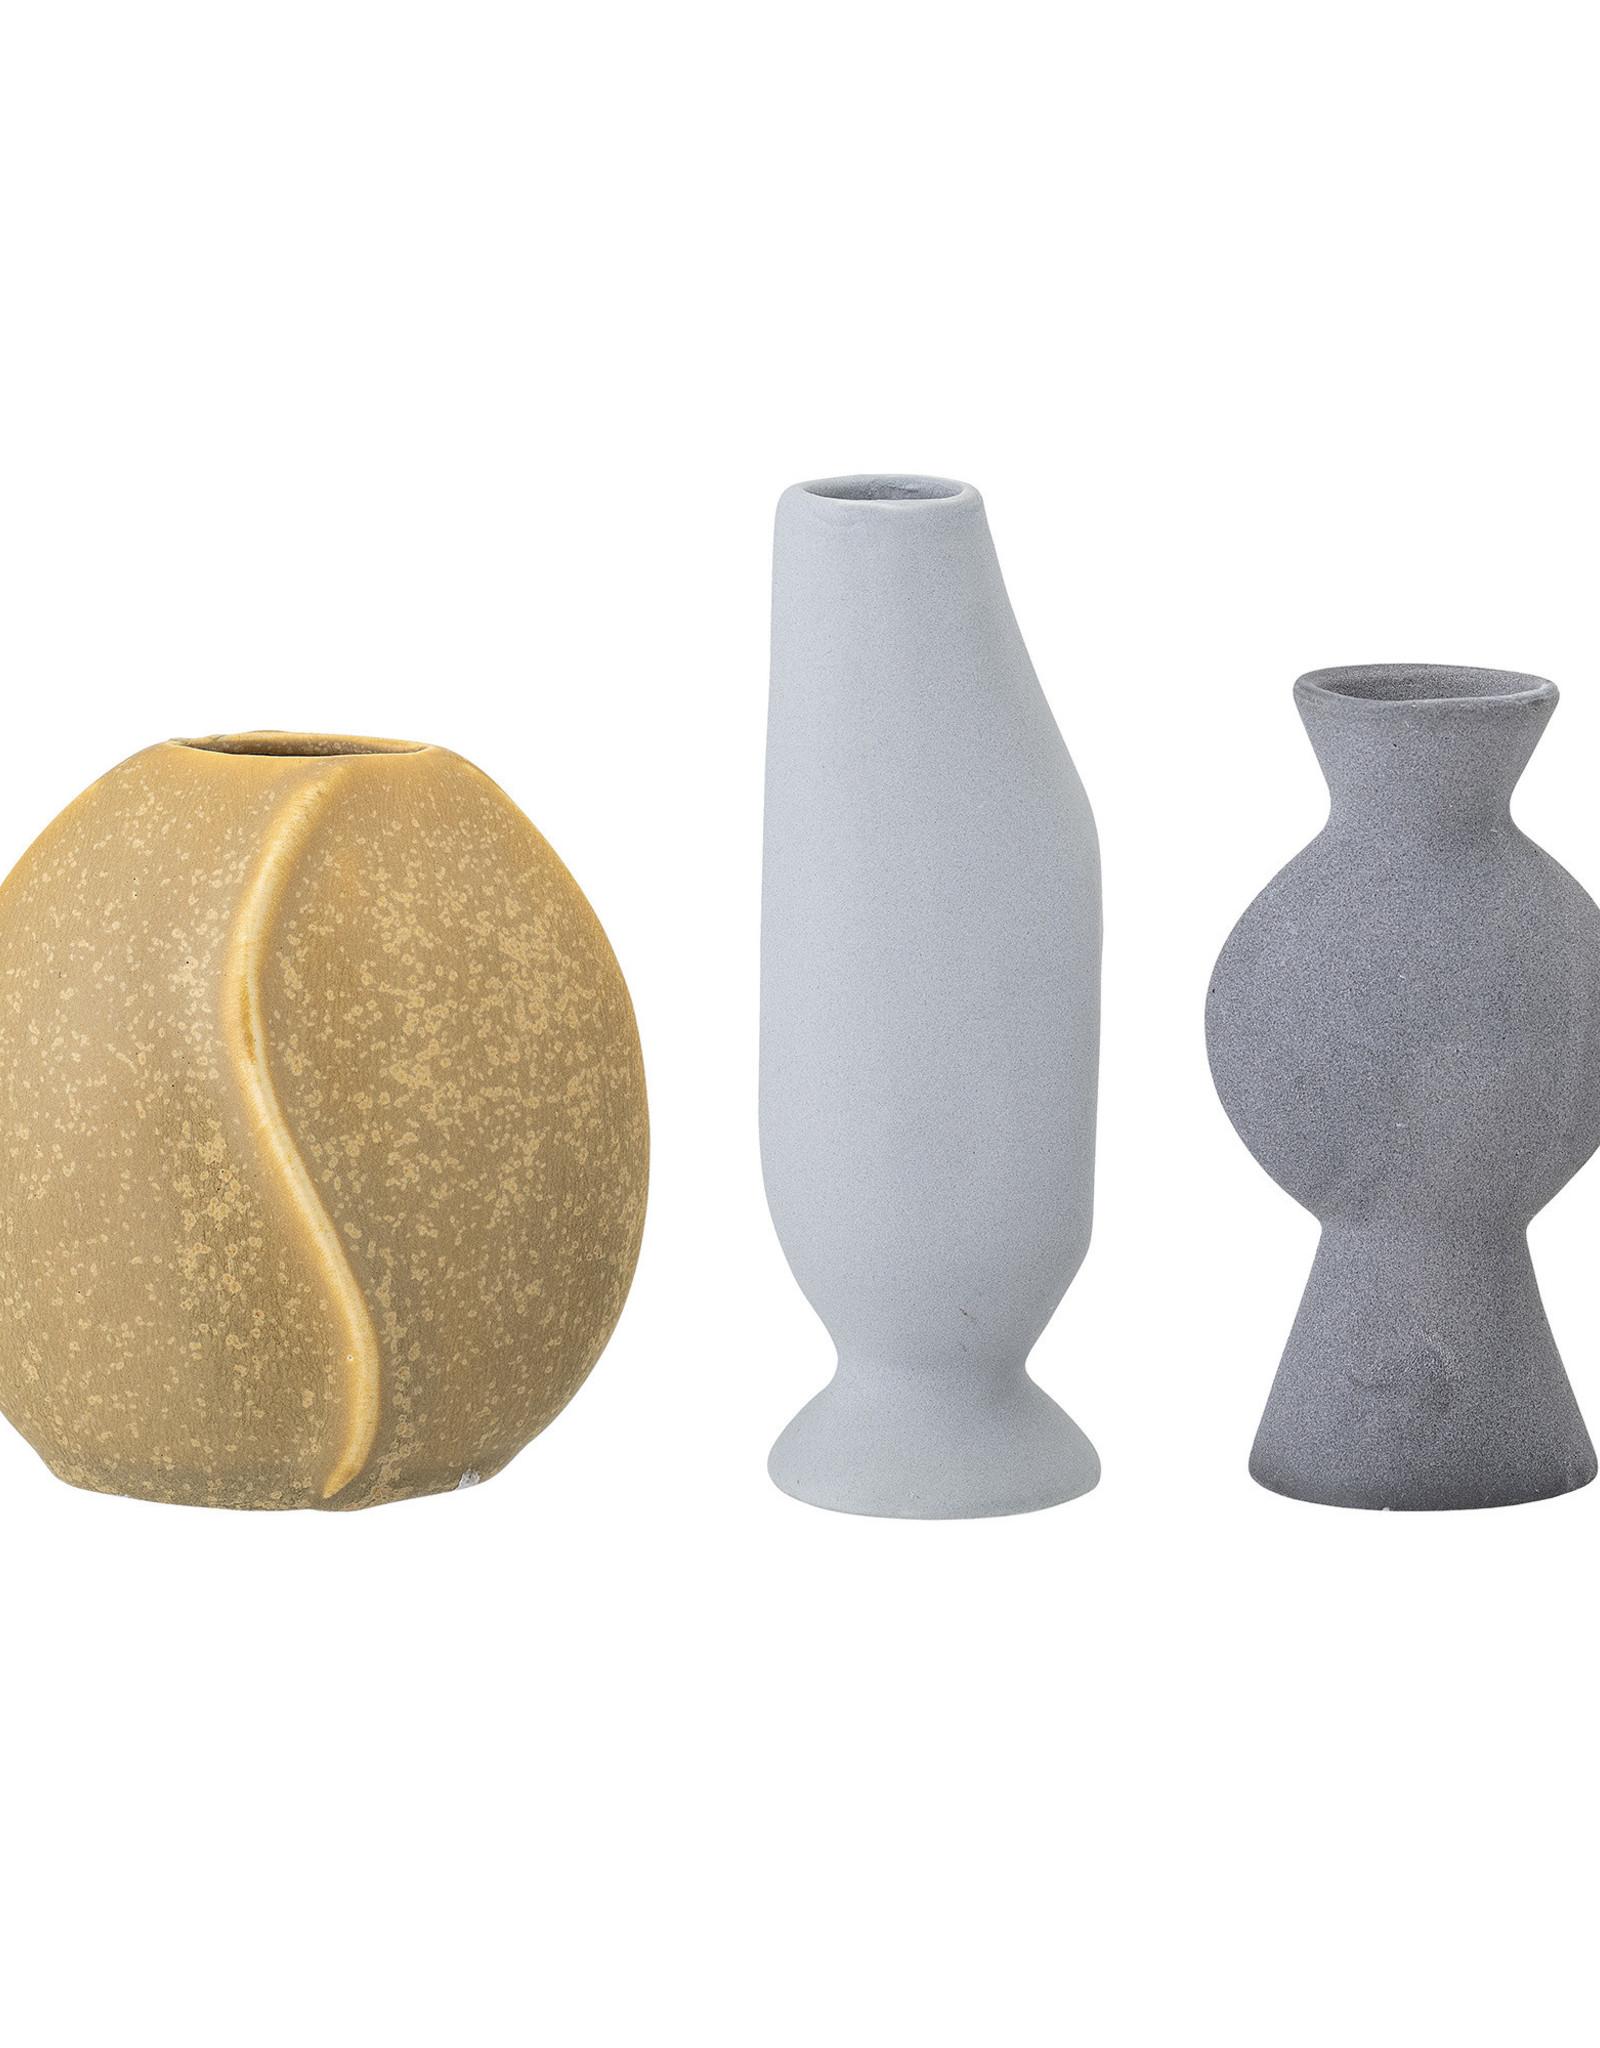 Bloomingville Bloomingville - vase multi color S